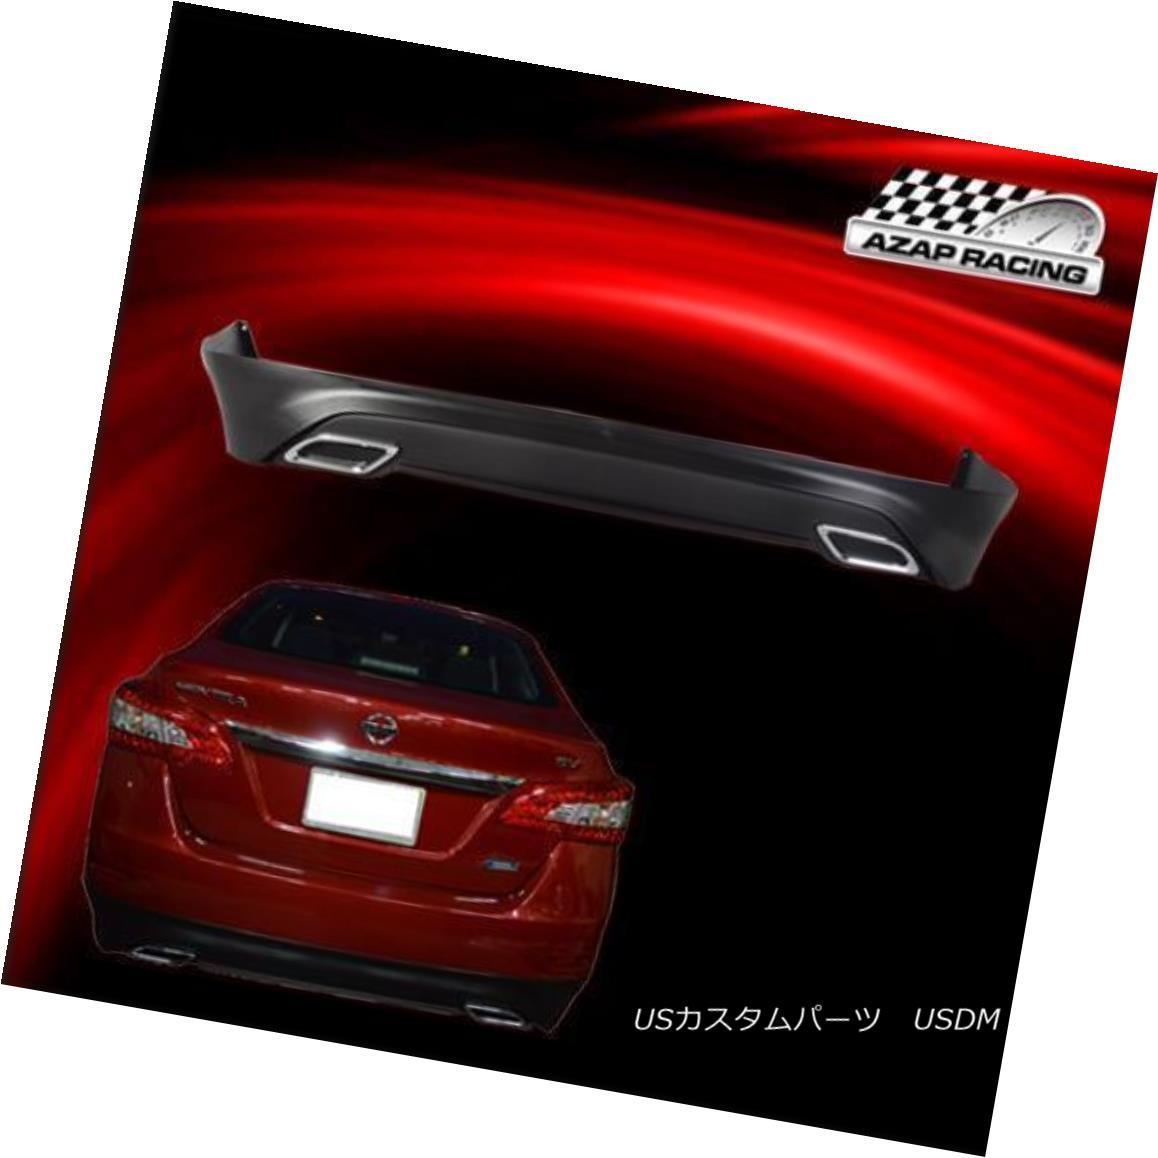 エアロパーツ Fits 2013-2017 Nissan Sentra Rear Bumper Lip Spoiler Bodykit OE Style PP 2013-2017 Nissan SentraリアバンパーリップスポイラーボディキットOEスタイルPPに適合